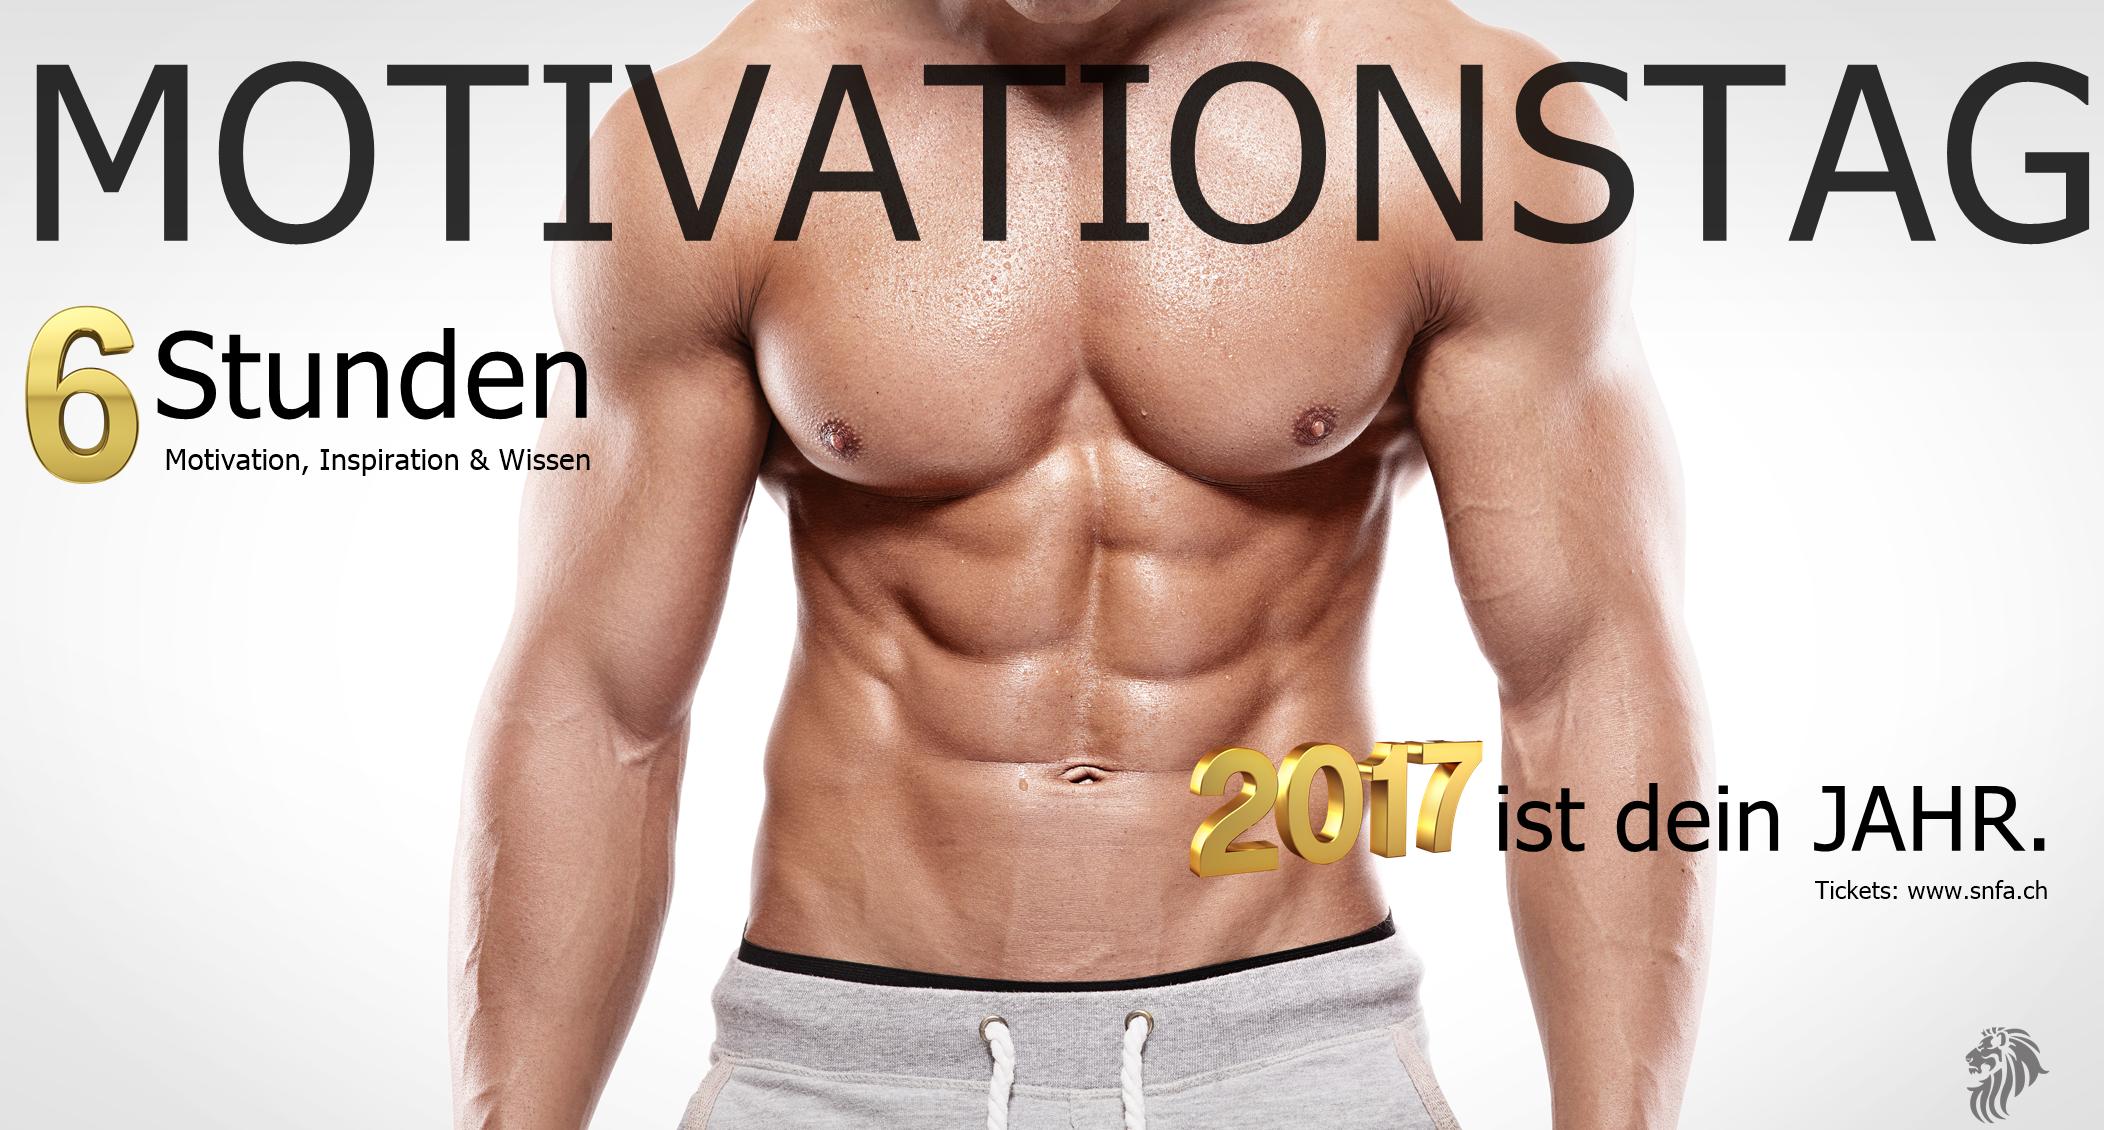 motivationstag zürich